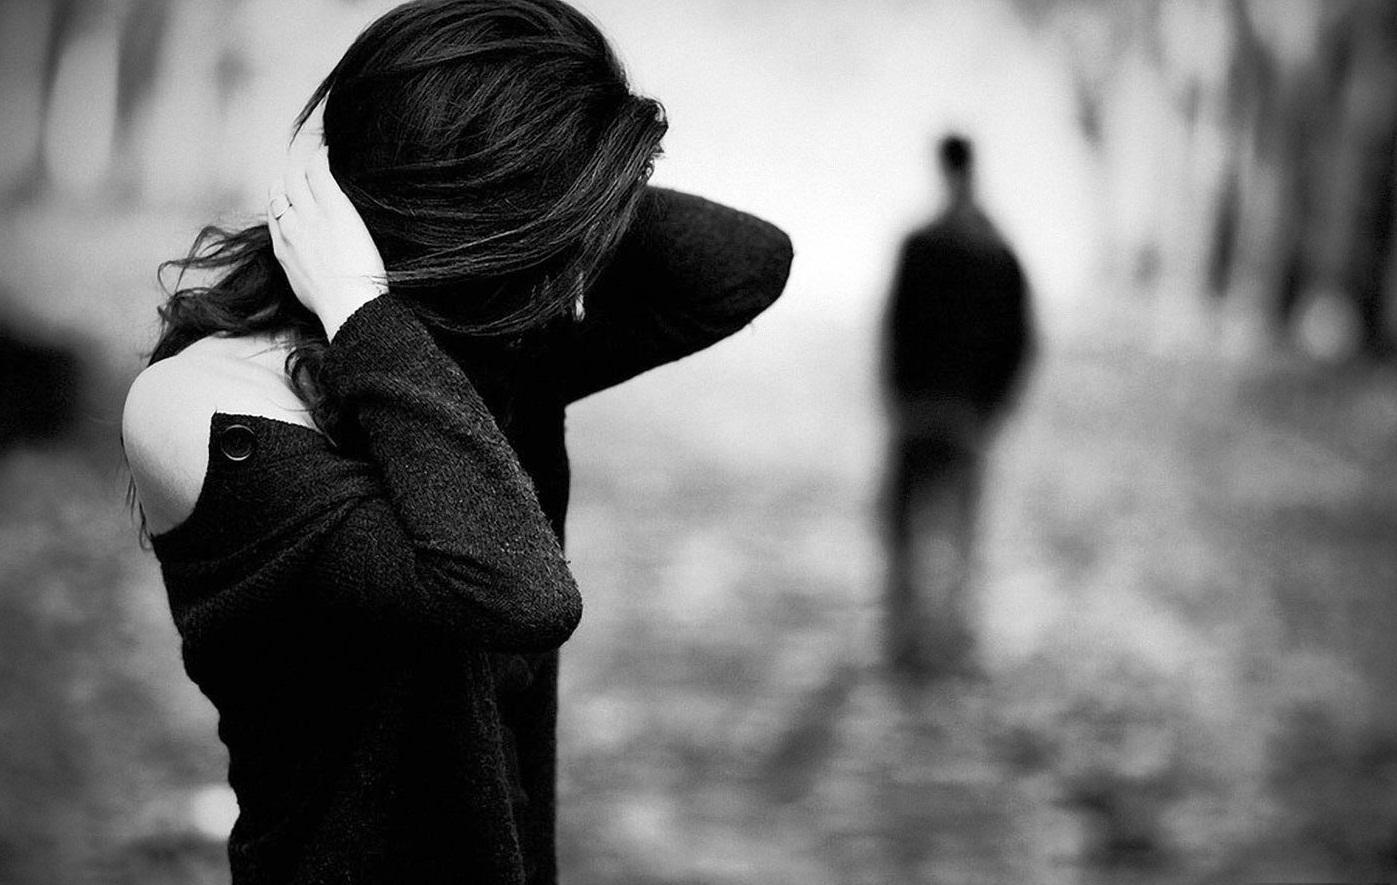 девушка не хочет отношений, останемся друзьями, расставание